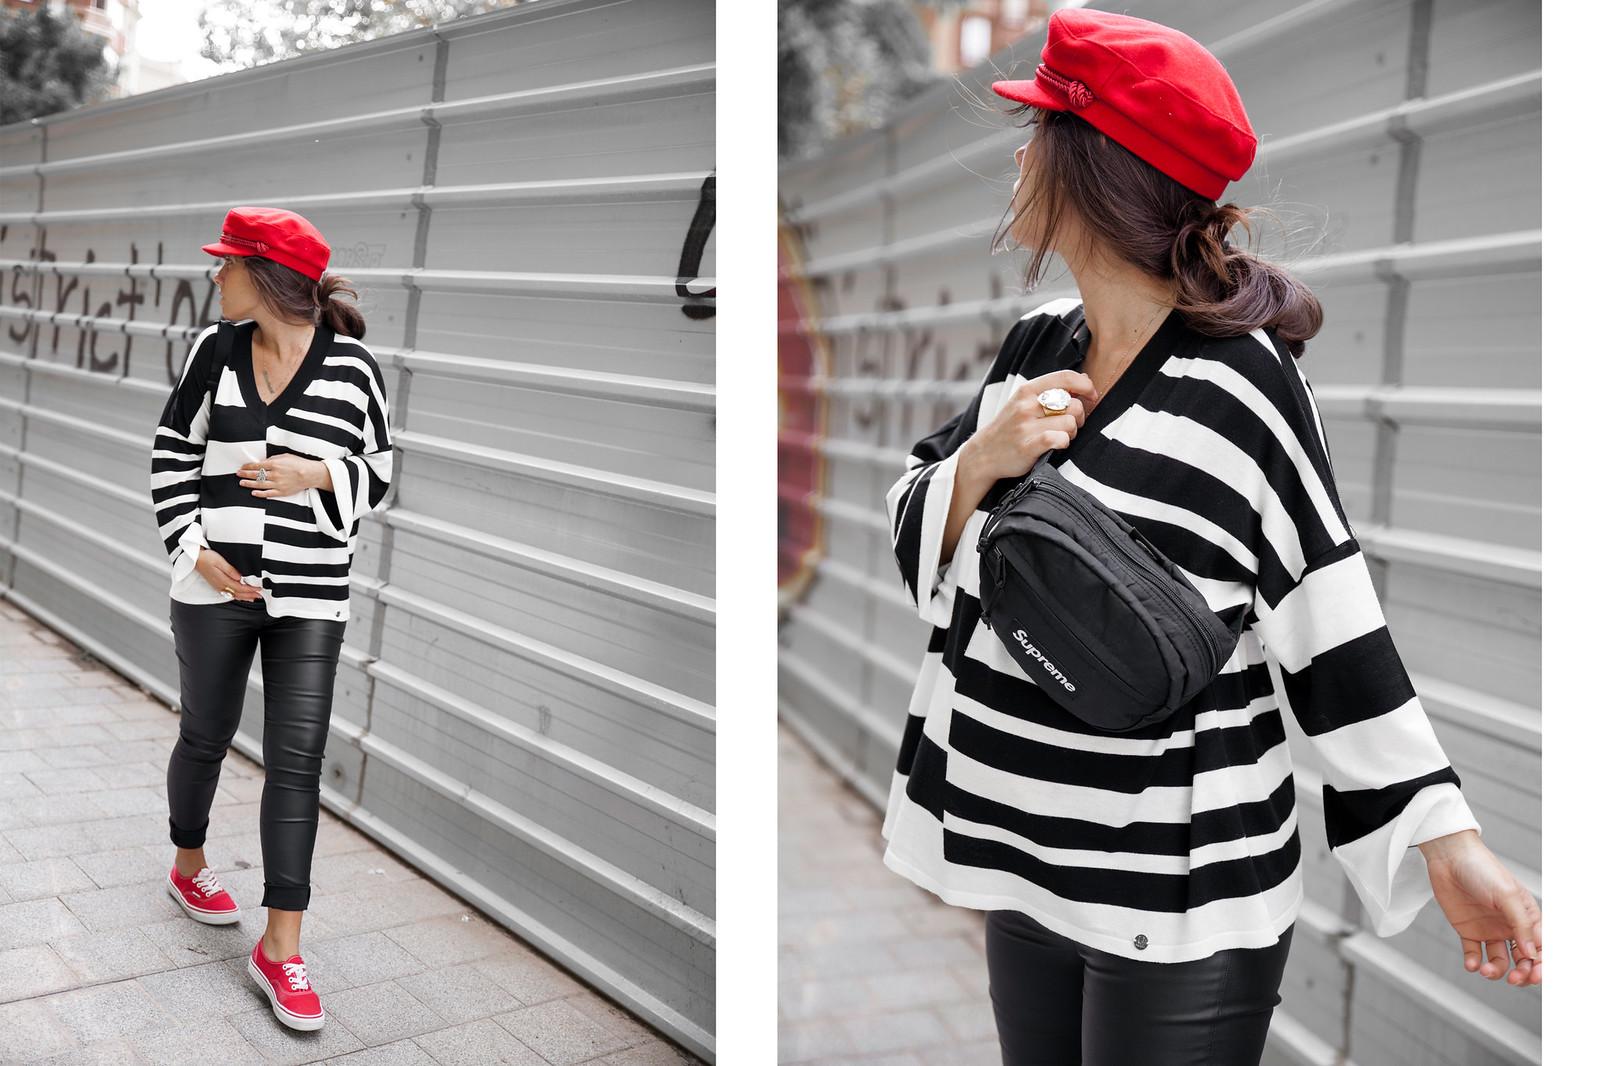 05_Como_combinar_un_jersey_blanco_y_negro_a_rayas_pantalones_cuero_embarazada_theguestgirl_casual_look_pregnant_30weeks